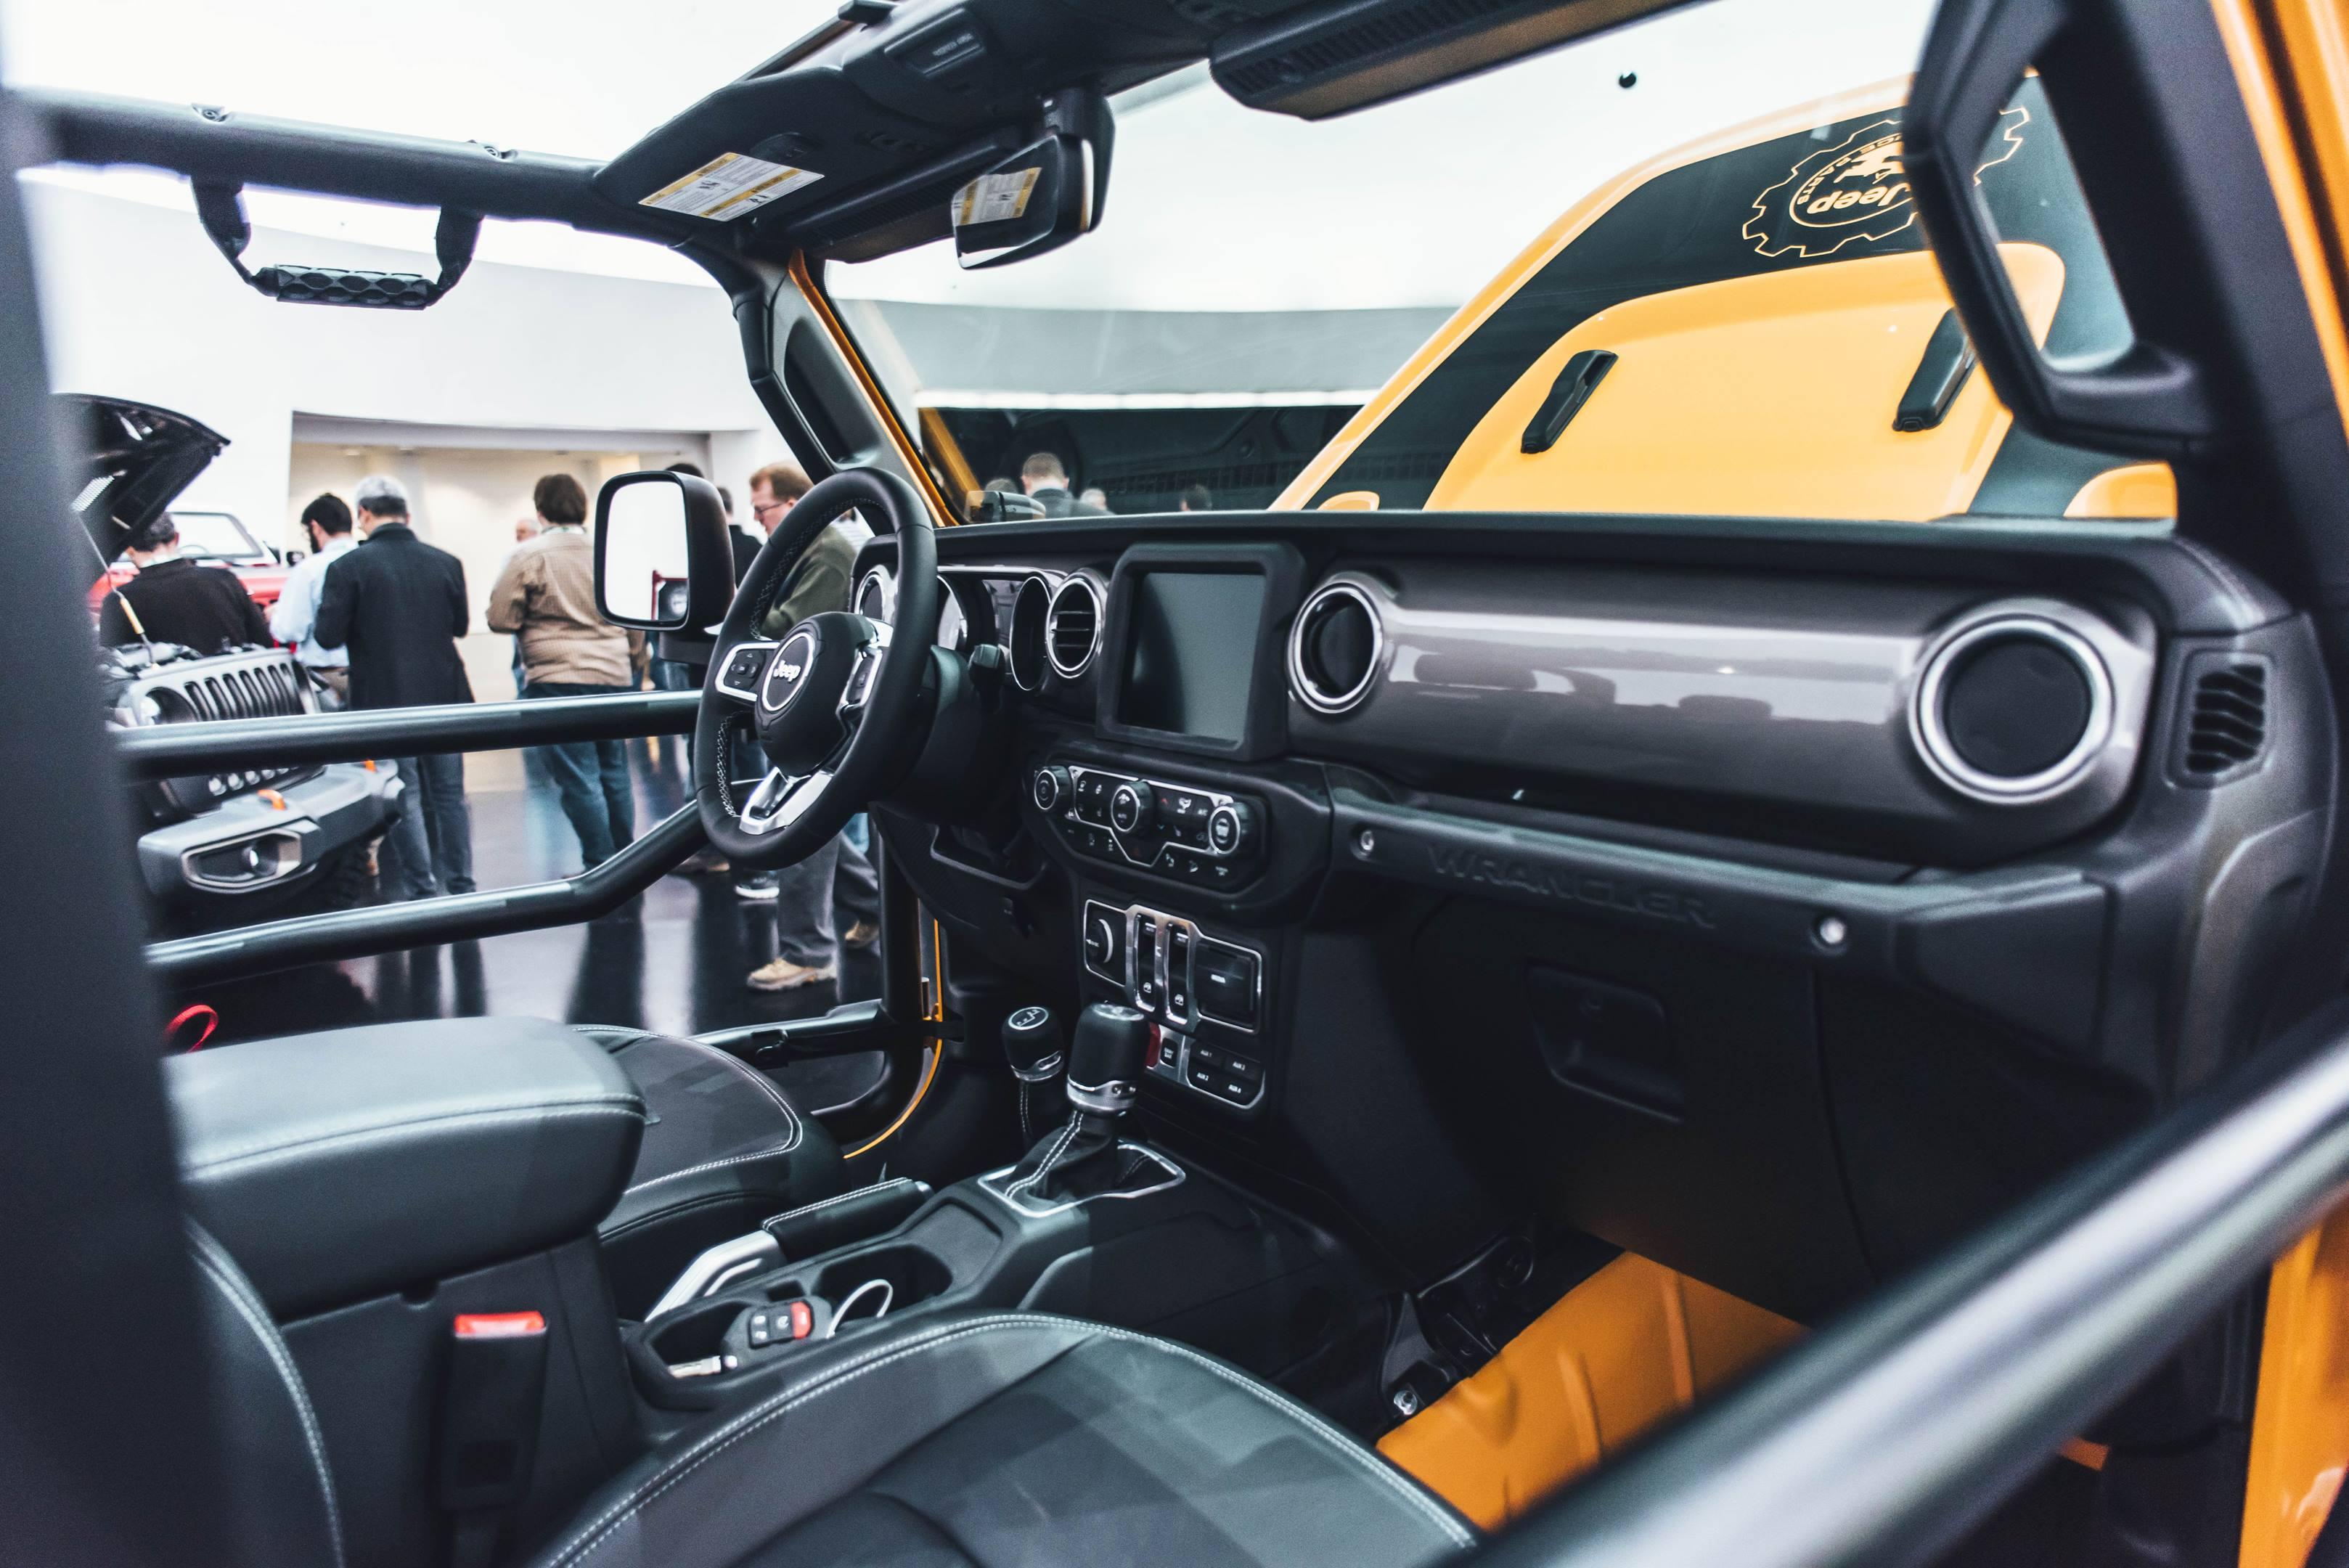 2018 Jeep Nacho Concept interior